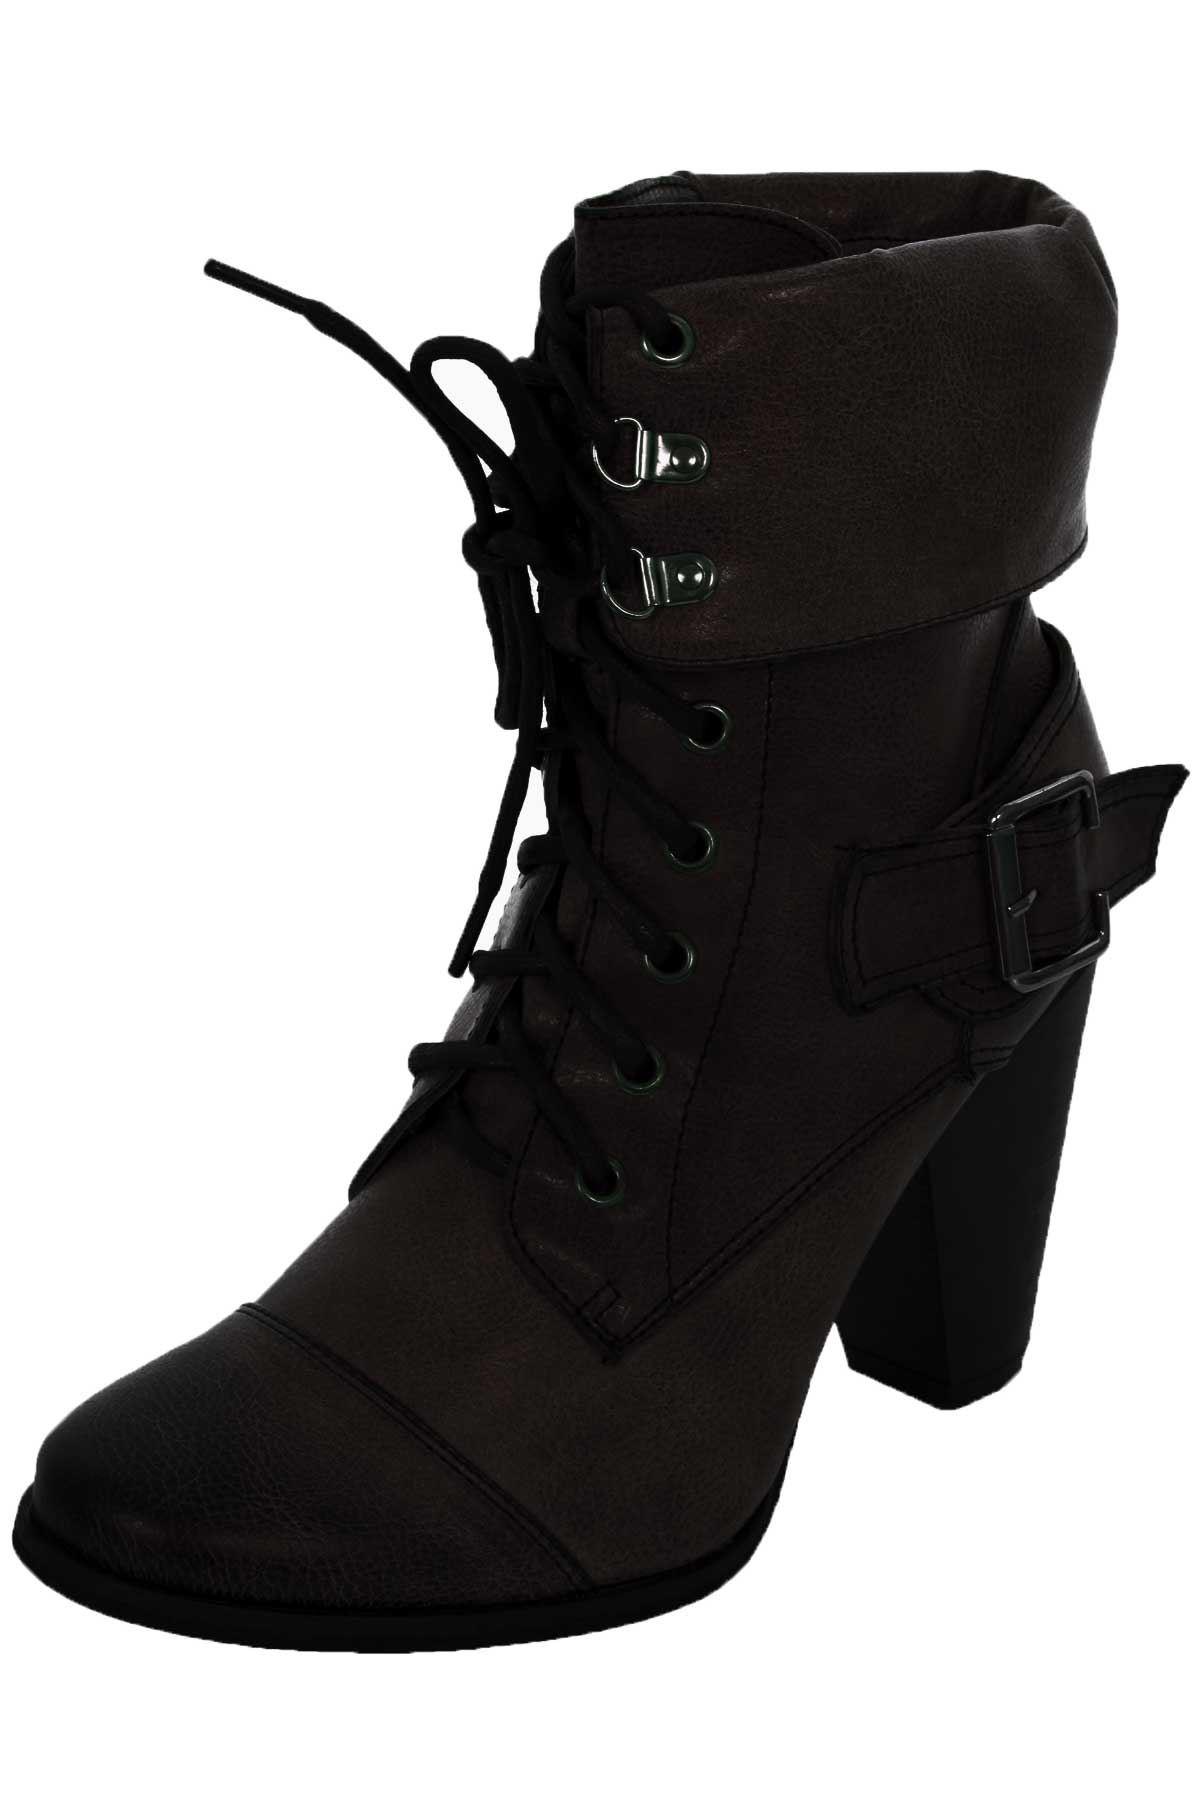 acb17365c2c Las mujeres deslizan en encaje frontal PU imitación señoras de cuero botas  de tacón grueso